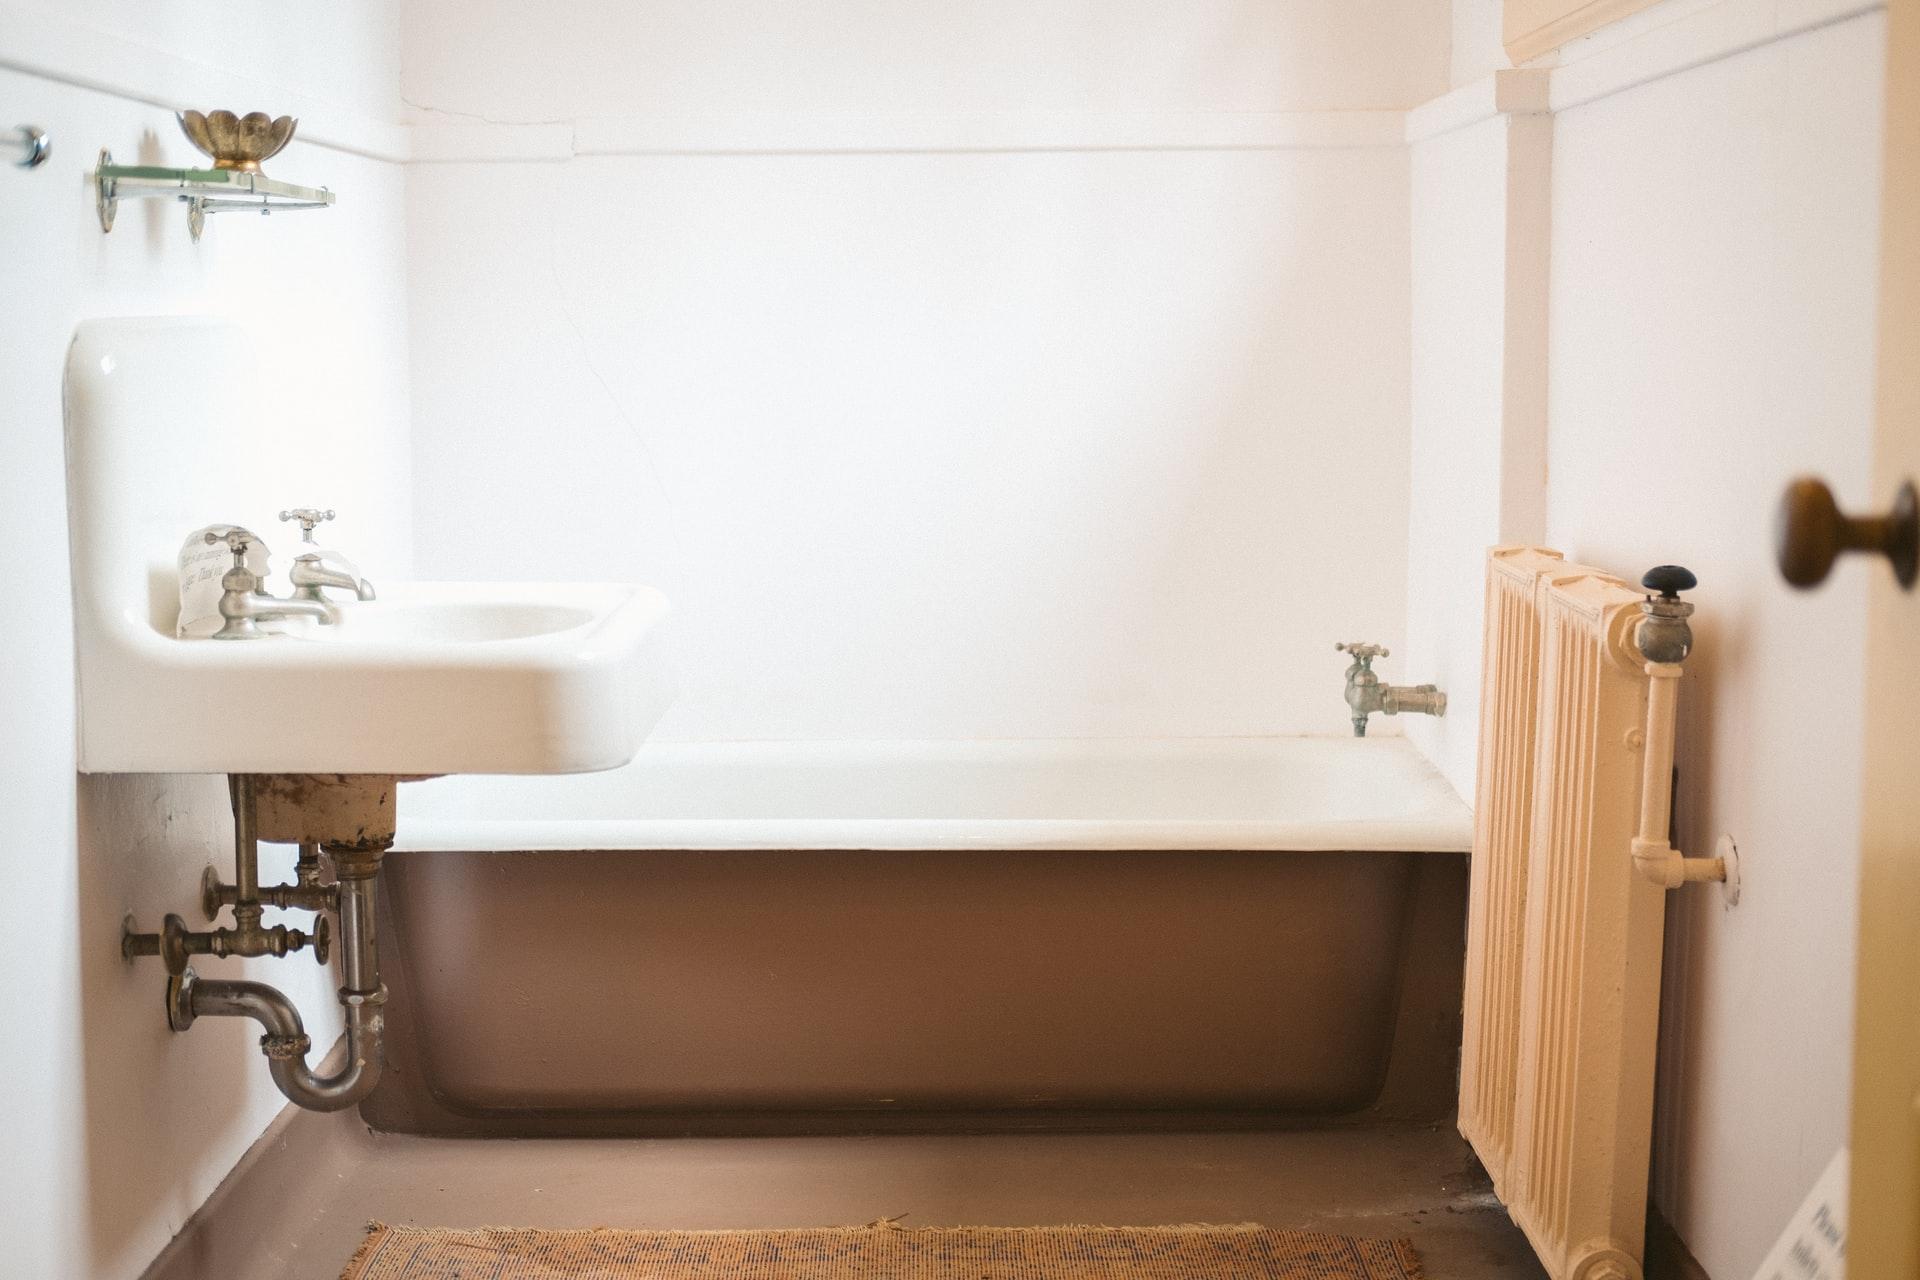 remove bathtub drain | Bathtub Refinishing | Remodel a Bathroom | Toms River NJ